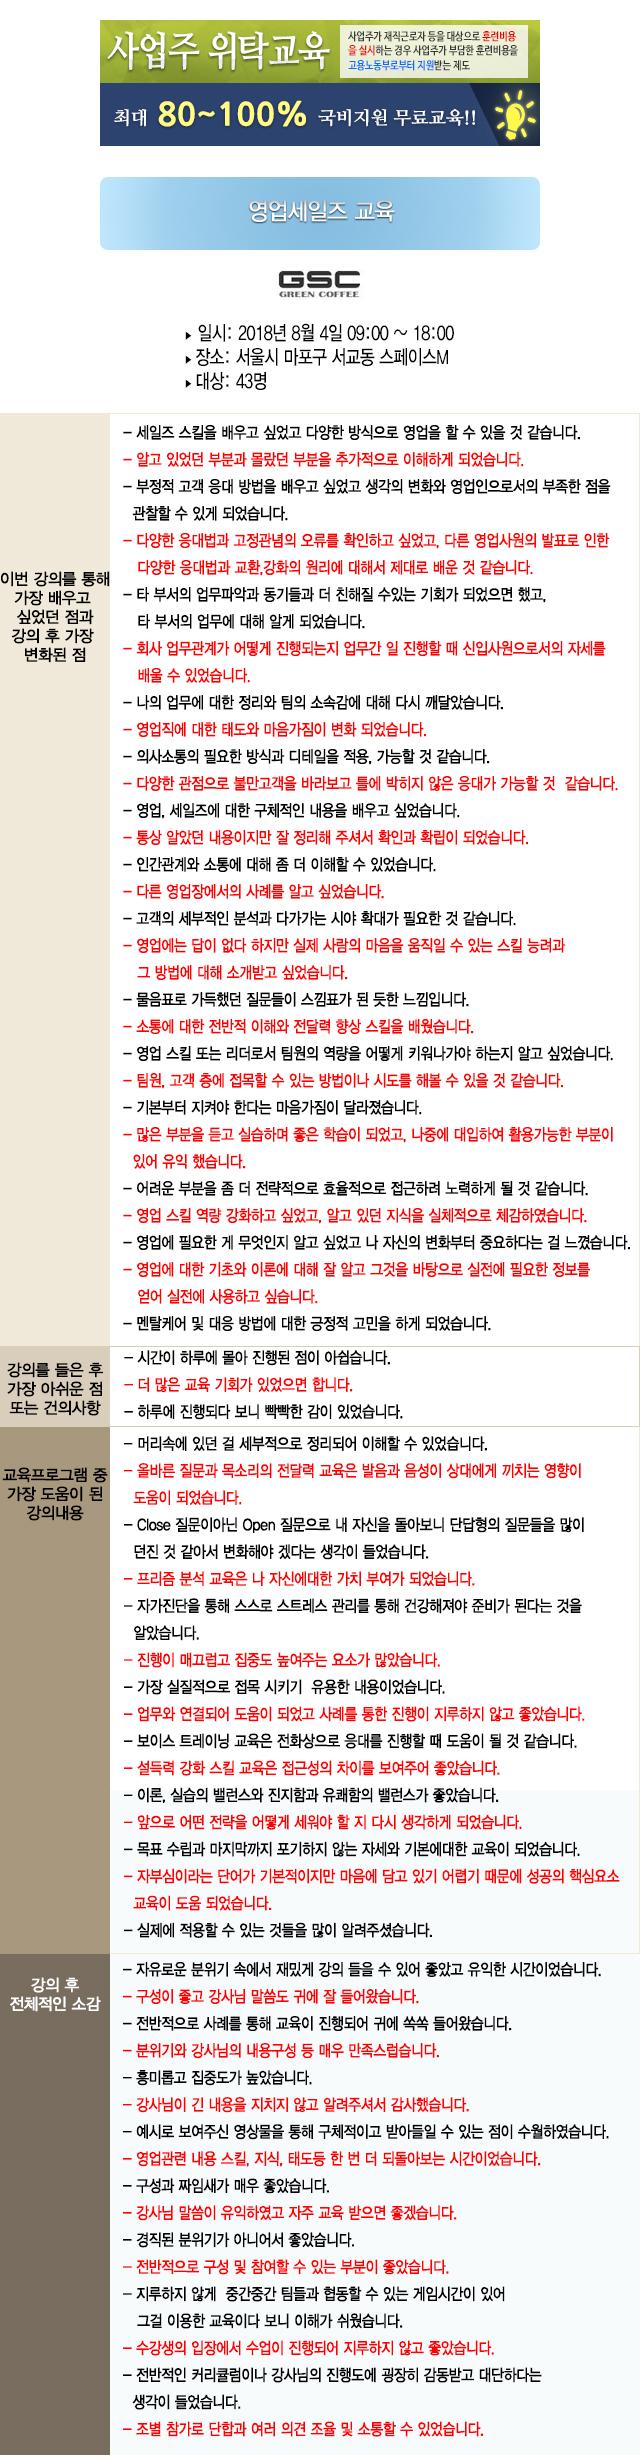 한국중앙인재개발원 후기 GSC.jpg